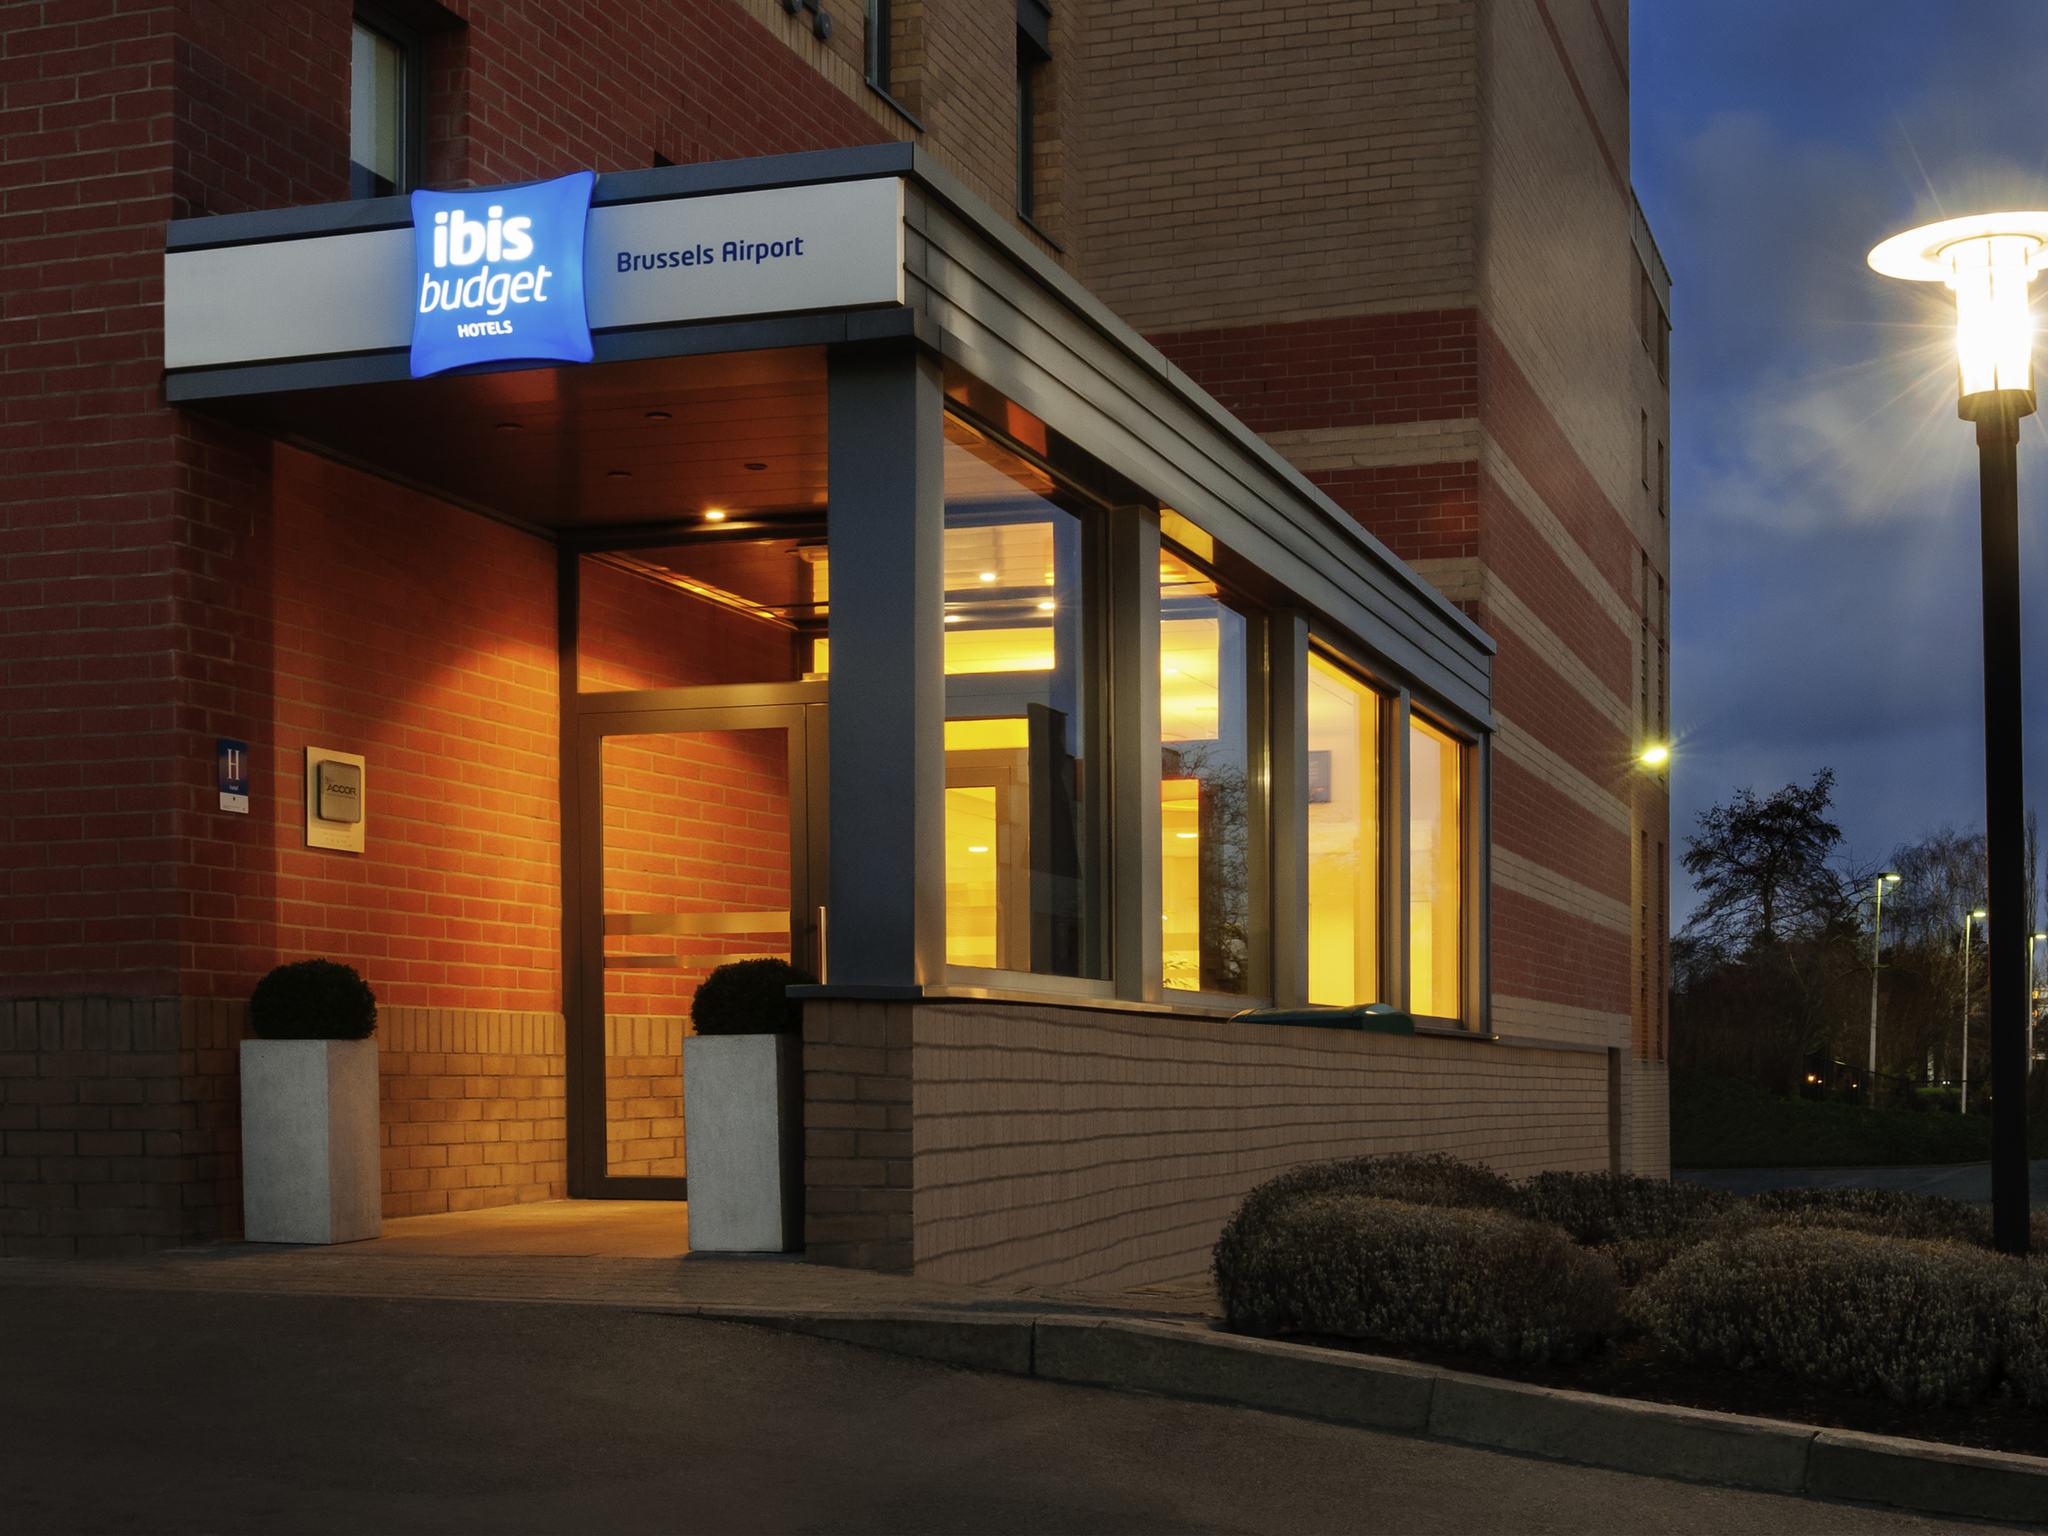 酒店 – ibis budget 布鲁塞尔机场酒店